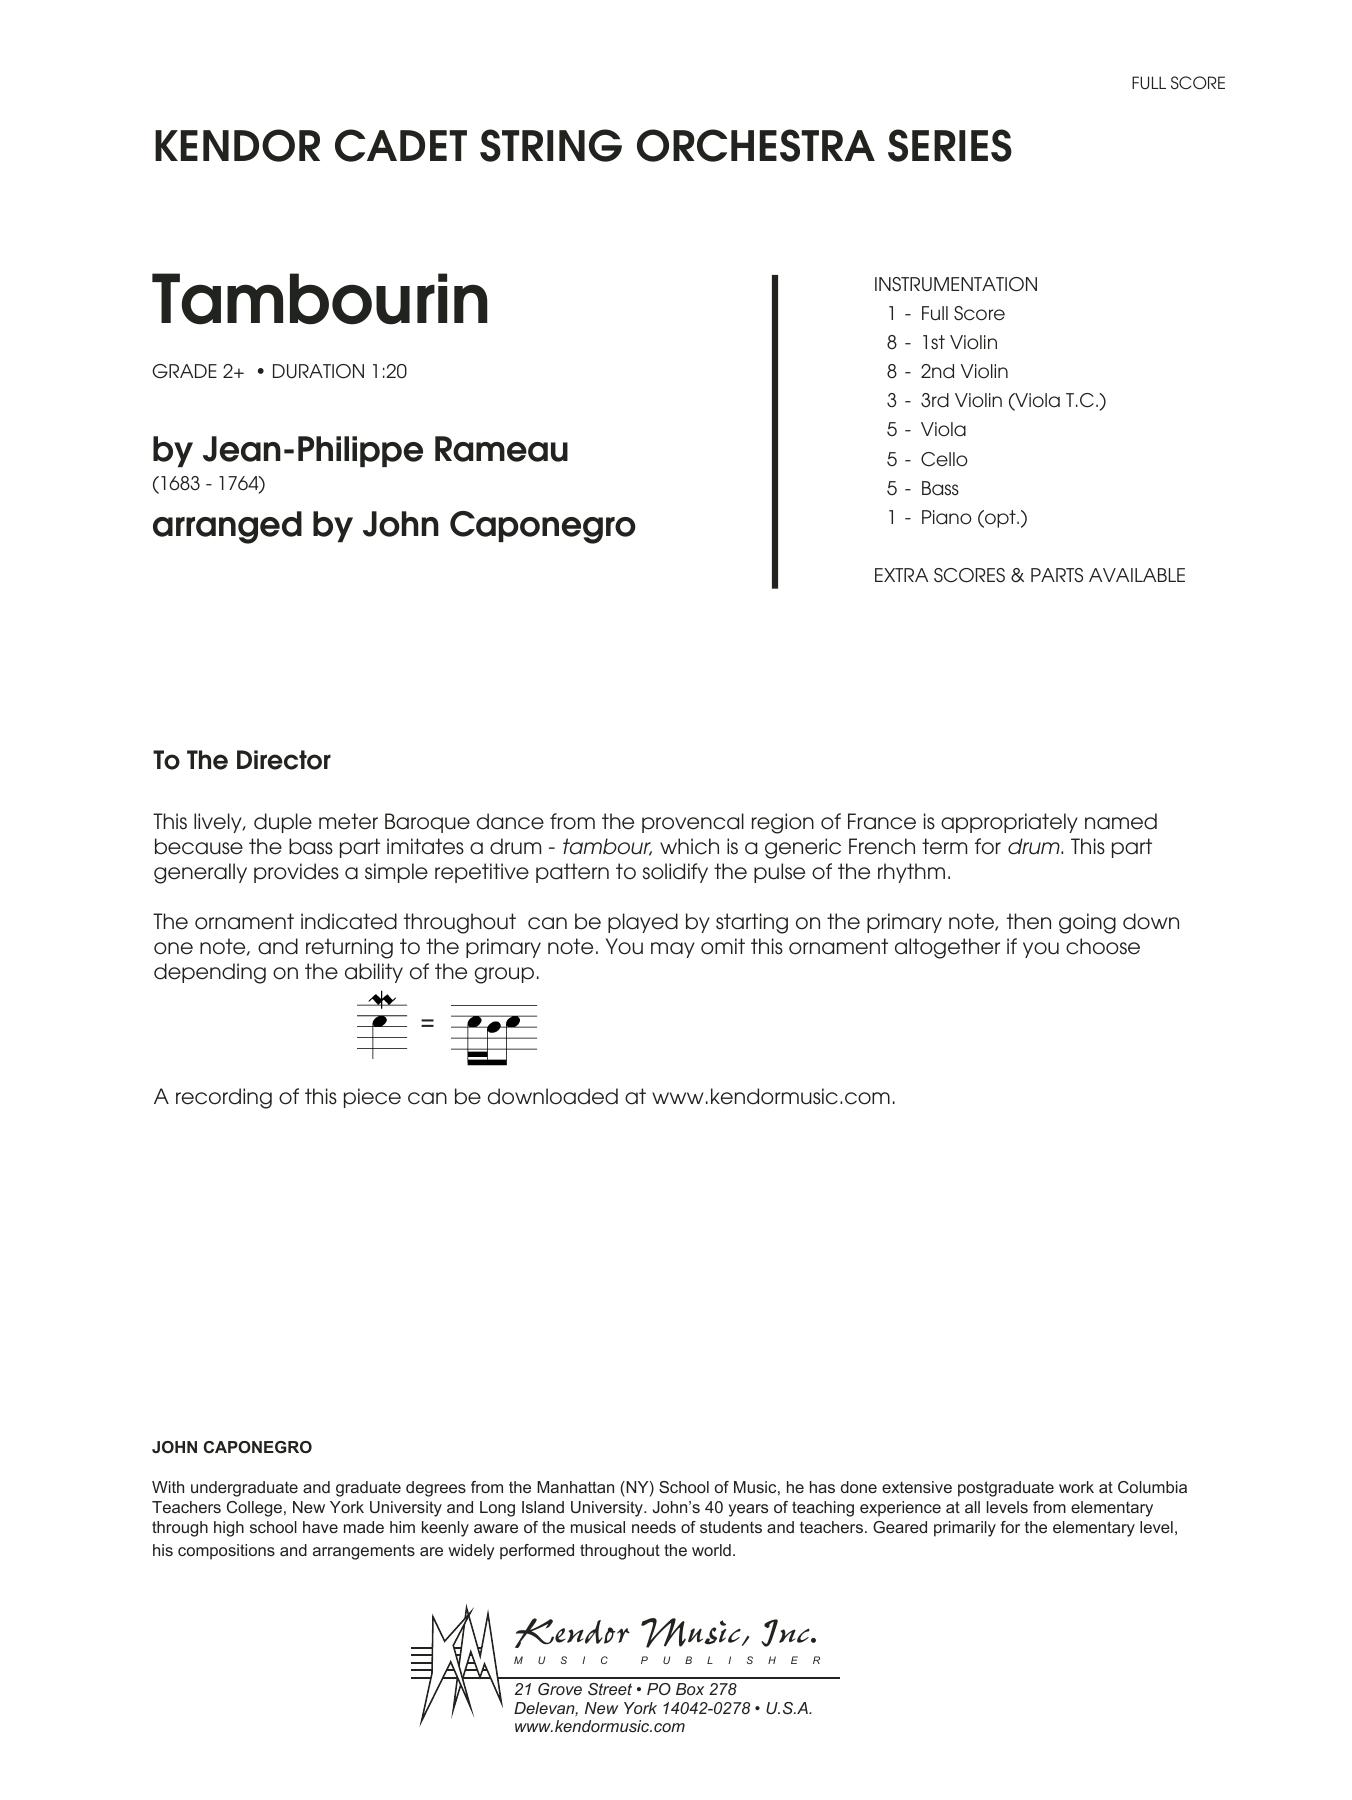 Tambourin - Full Score